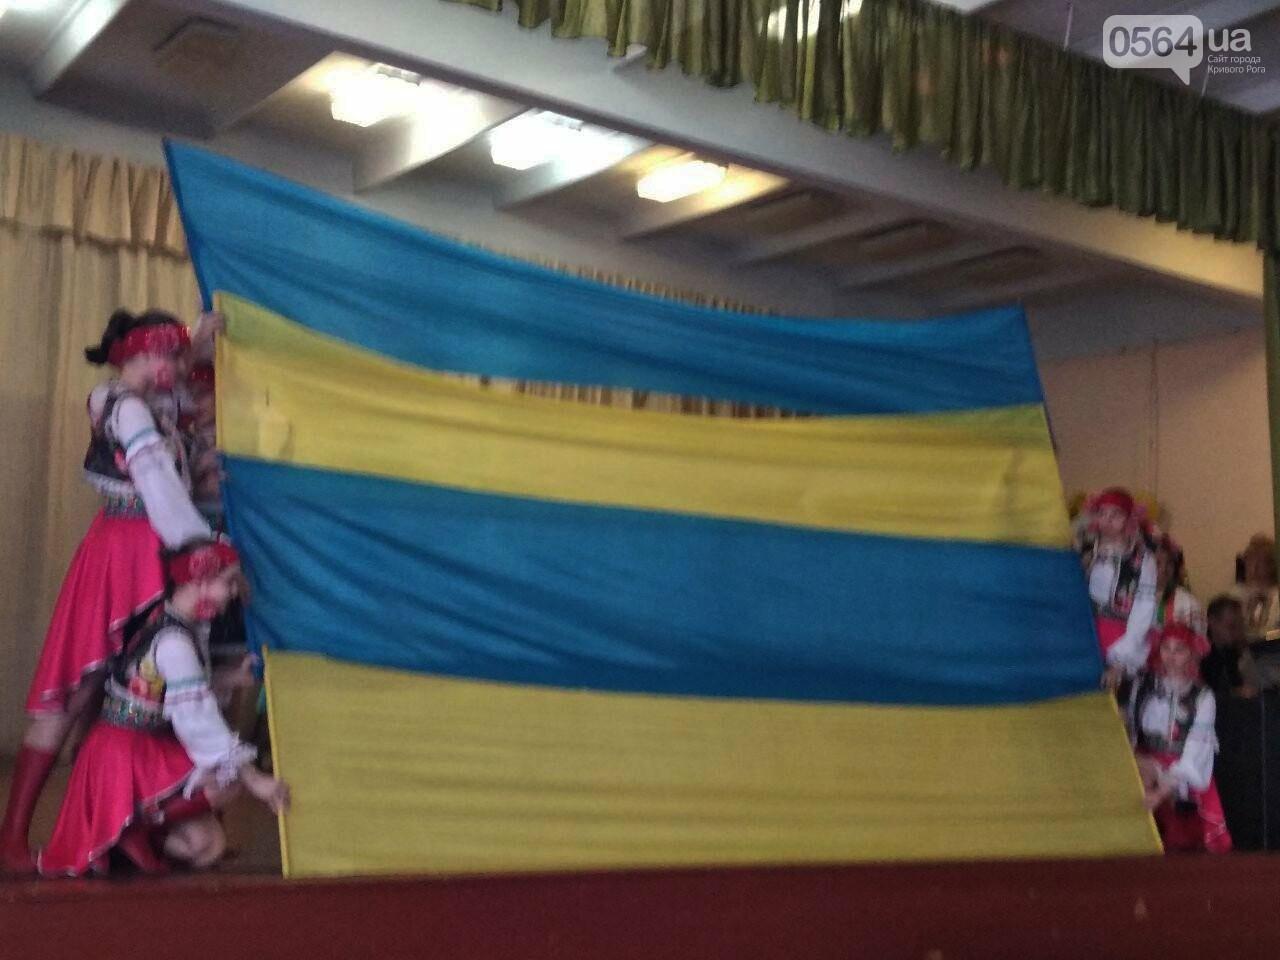 Криворожские школьники провели благотворительный концерт в поддержку бойцов АТО (ФОТО), фото-14